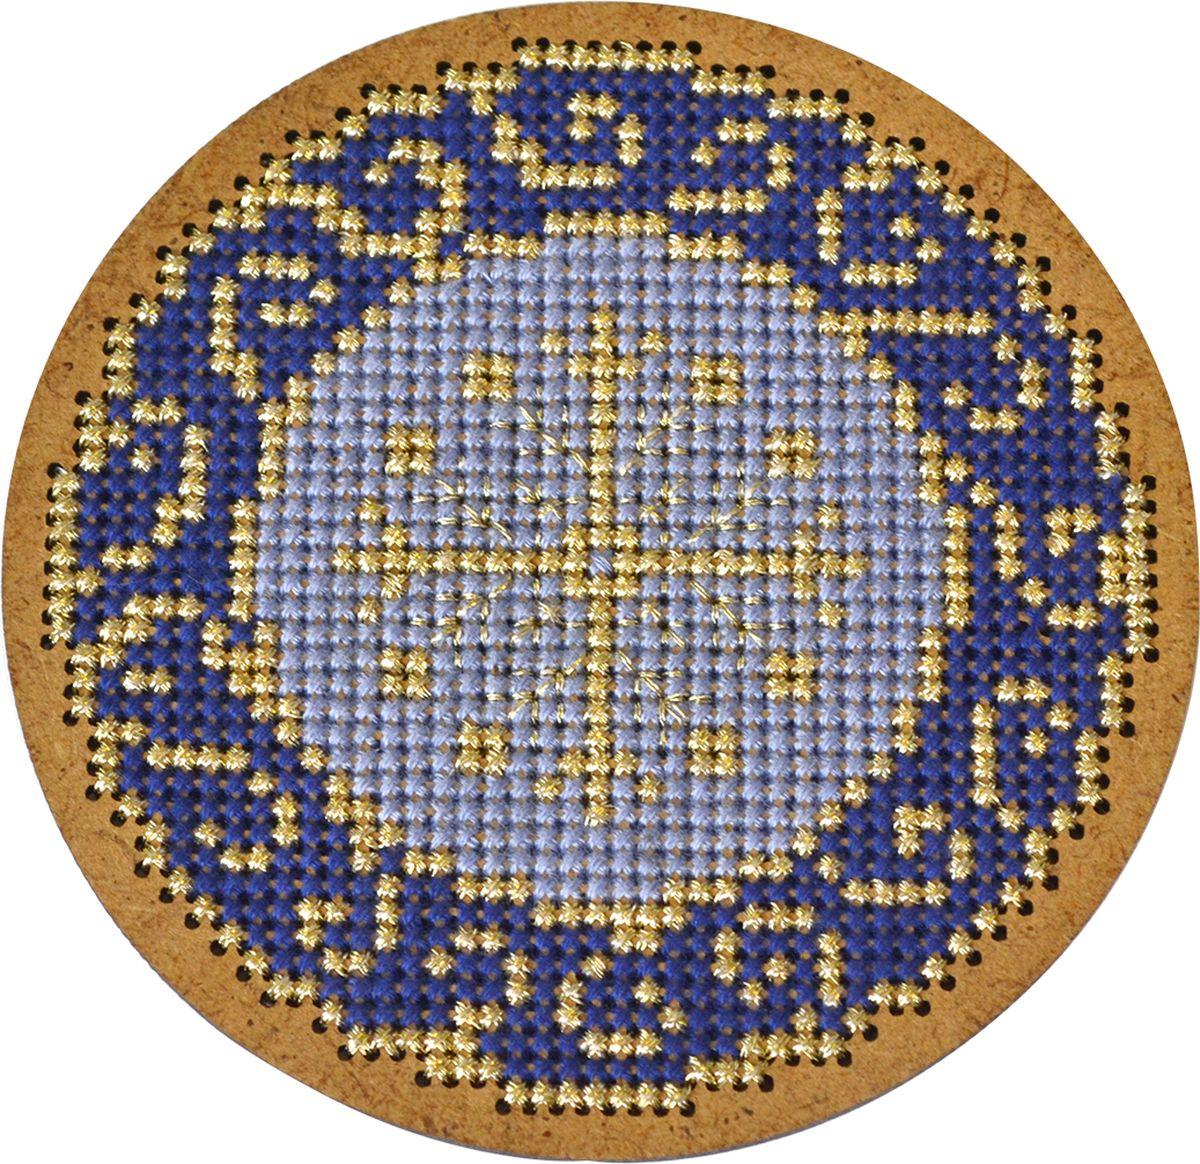 Набор для вышивания крестом Созвездие Новогодняя игрушка. Золотая роспись, 8,5 х 8,5 см набор для вышивания крестом мельница риолис 1097